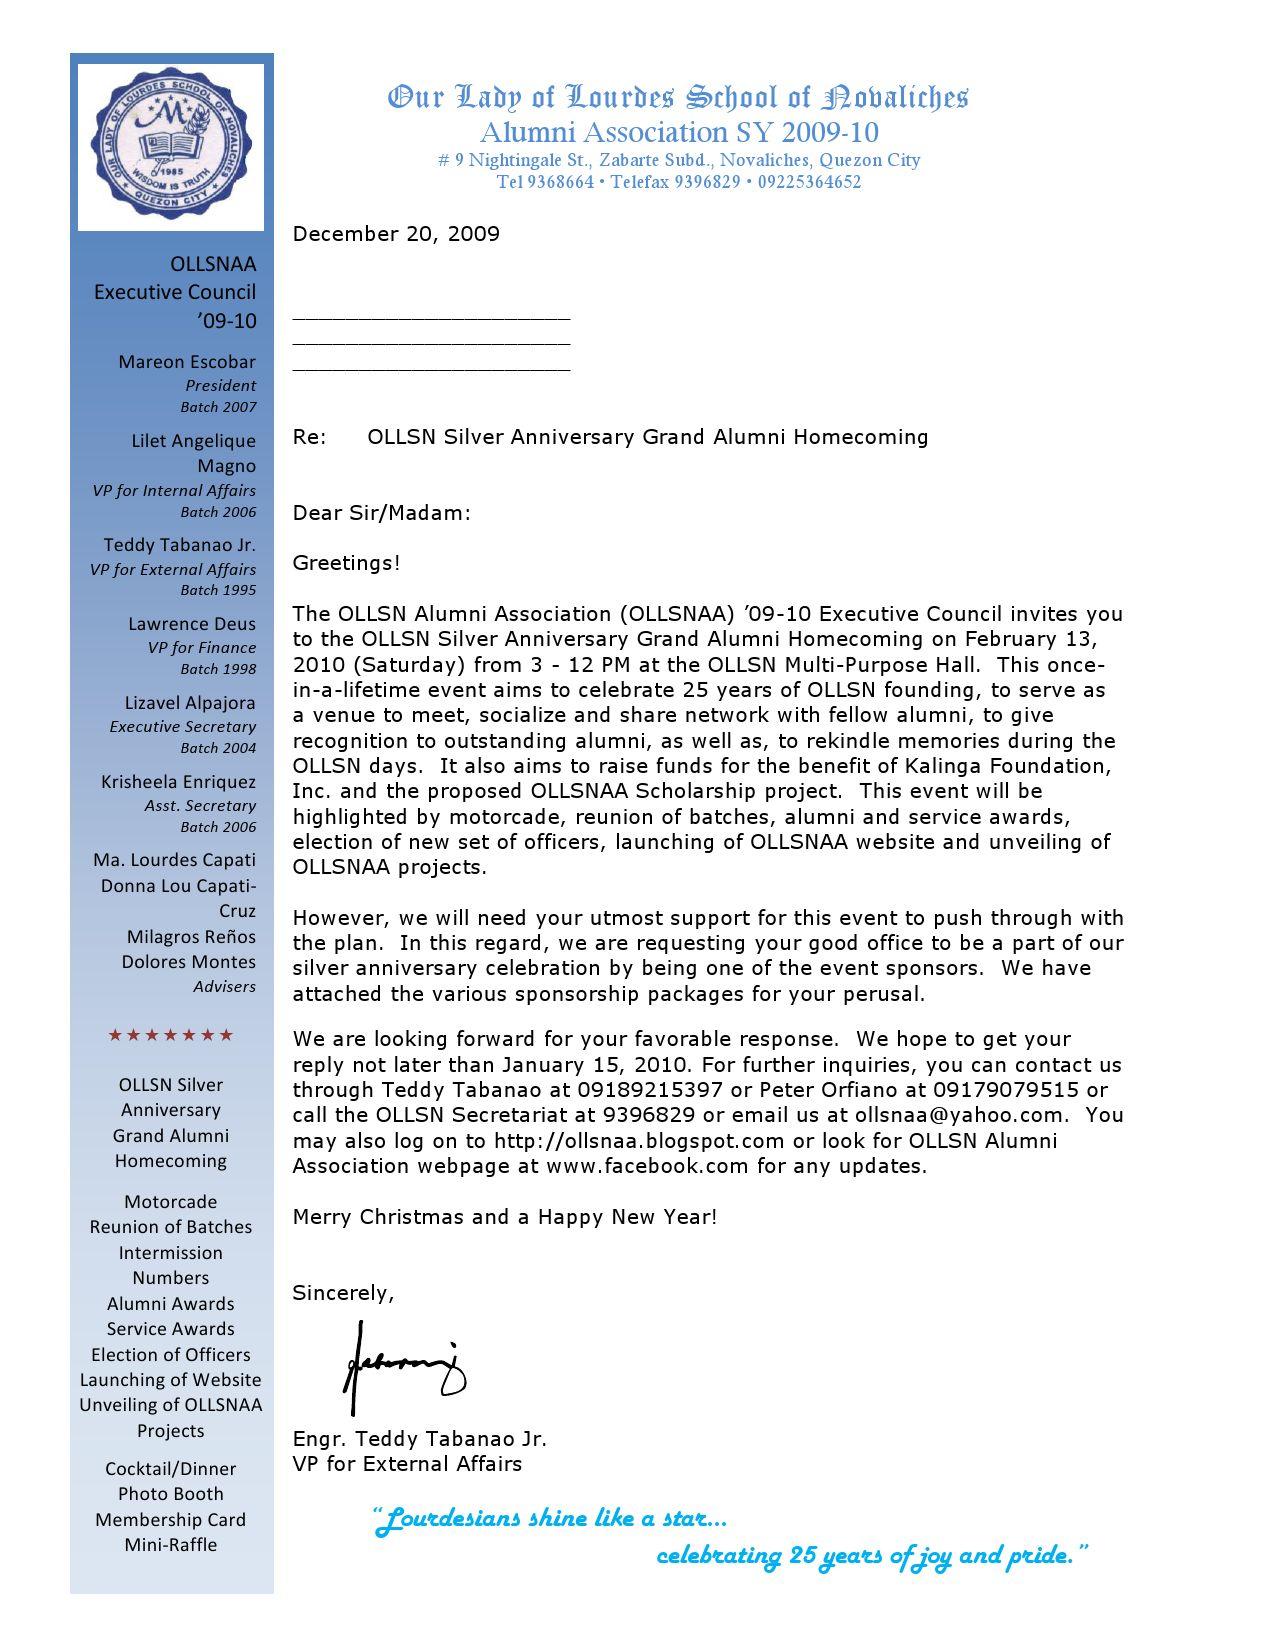 ollsn alumni homecoming sponsorship letter by ollsn alumni